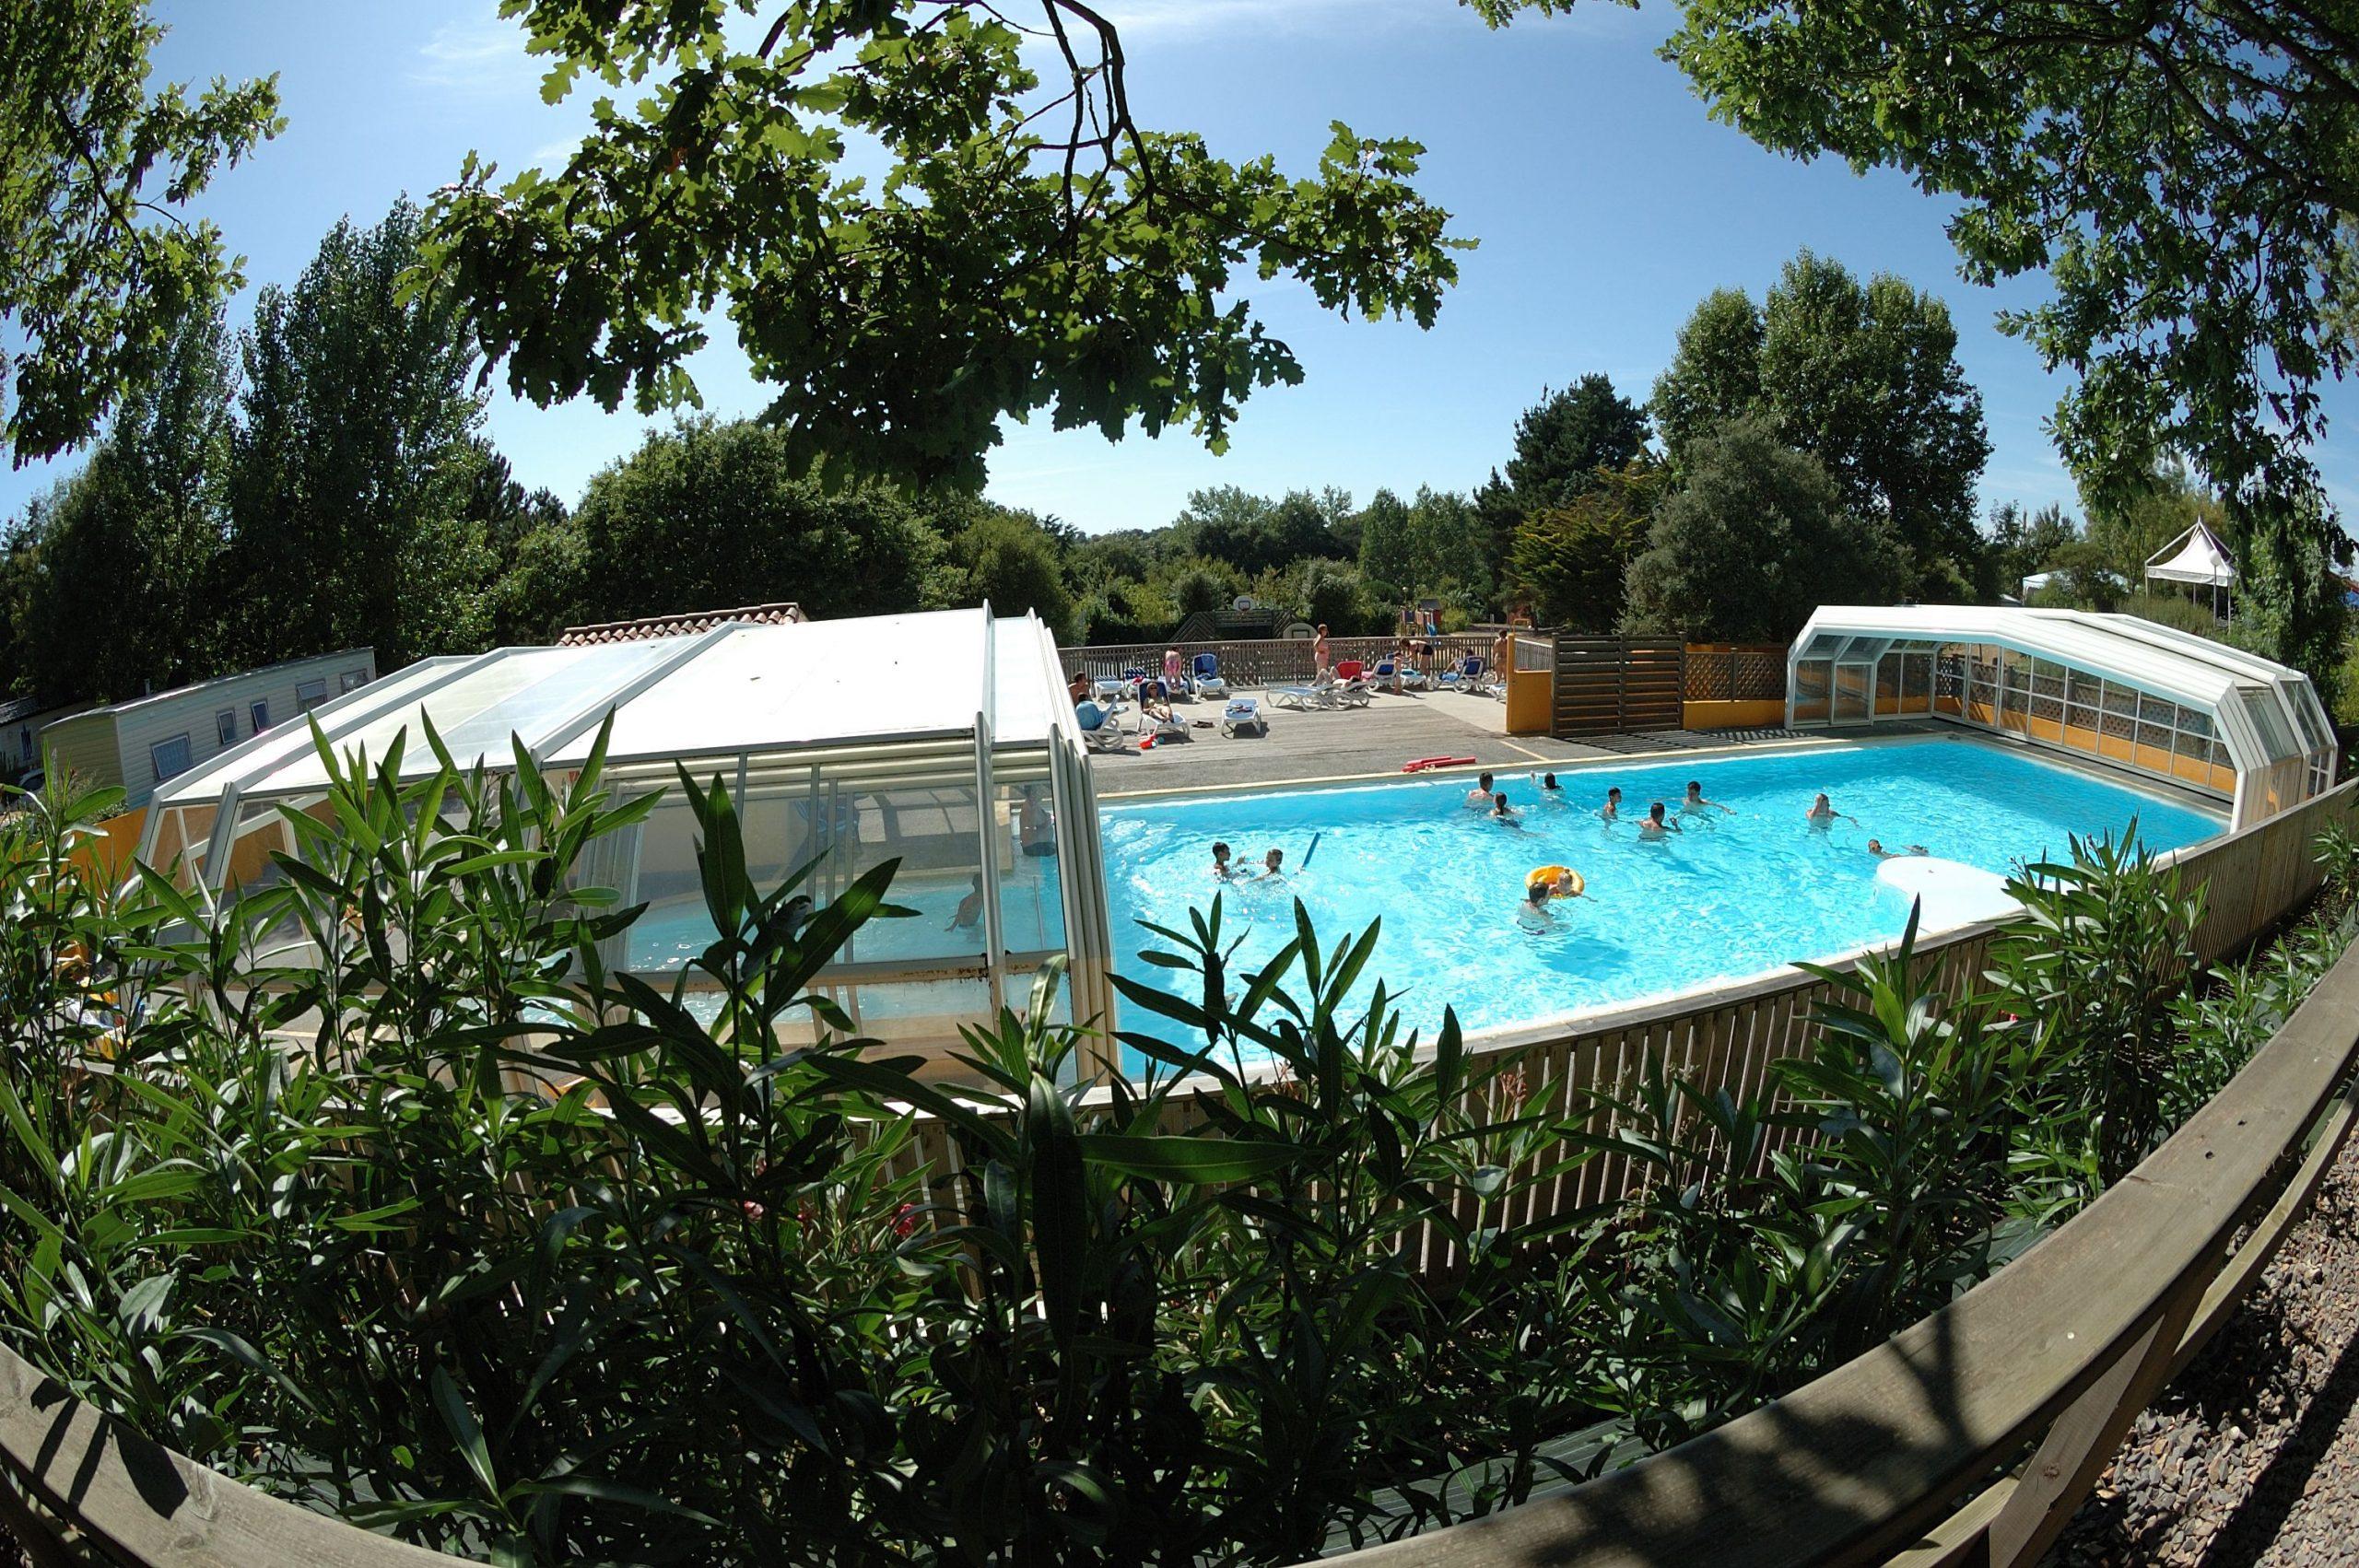 Camping*** Le Paradis - Talmont Saint Hilaire #camping ... avec Piscine Saint Brevin